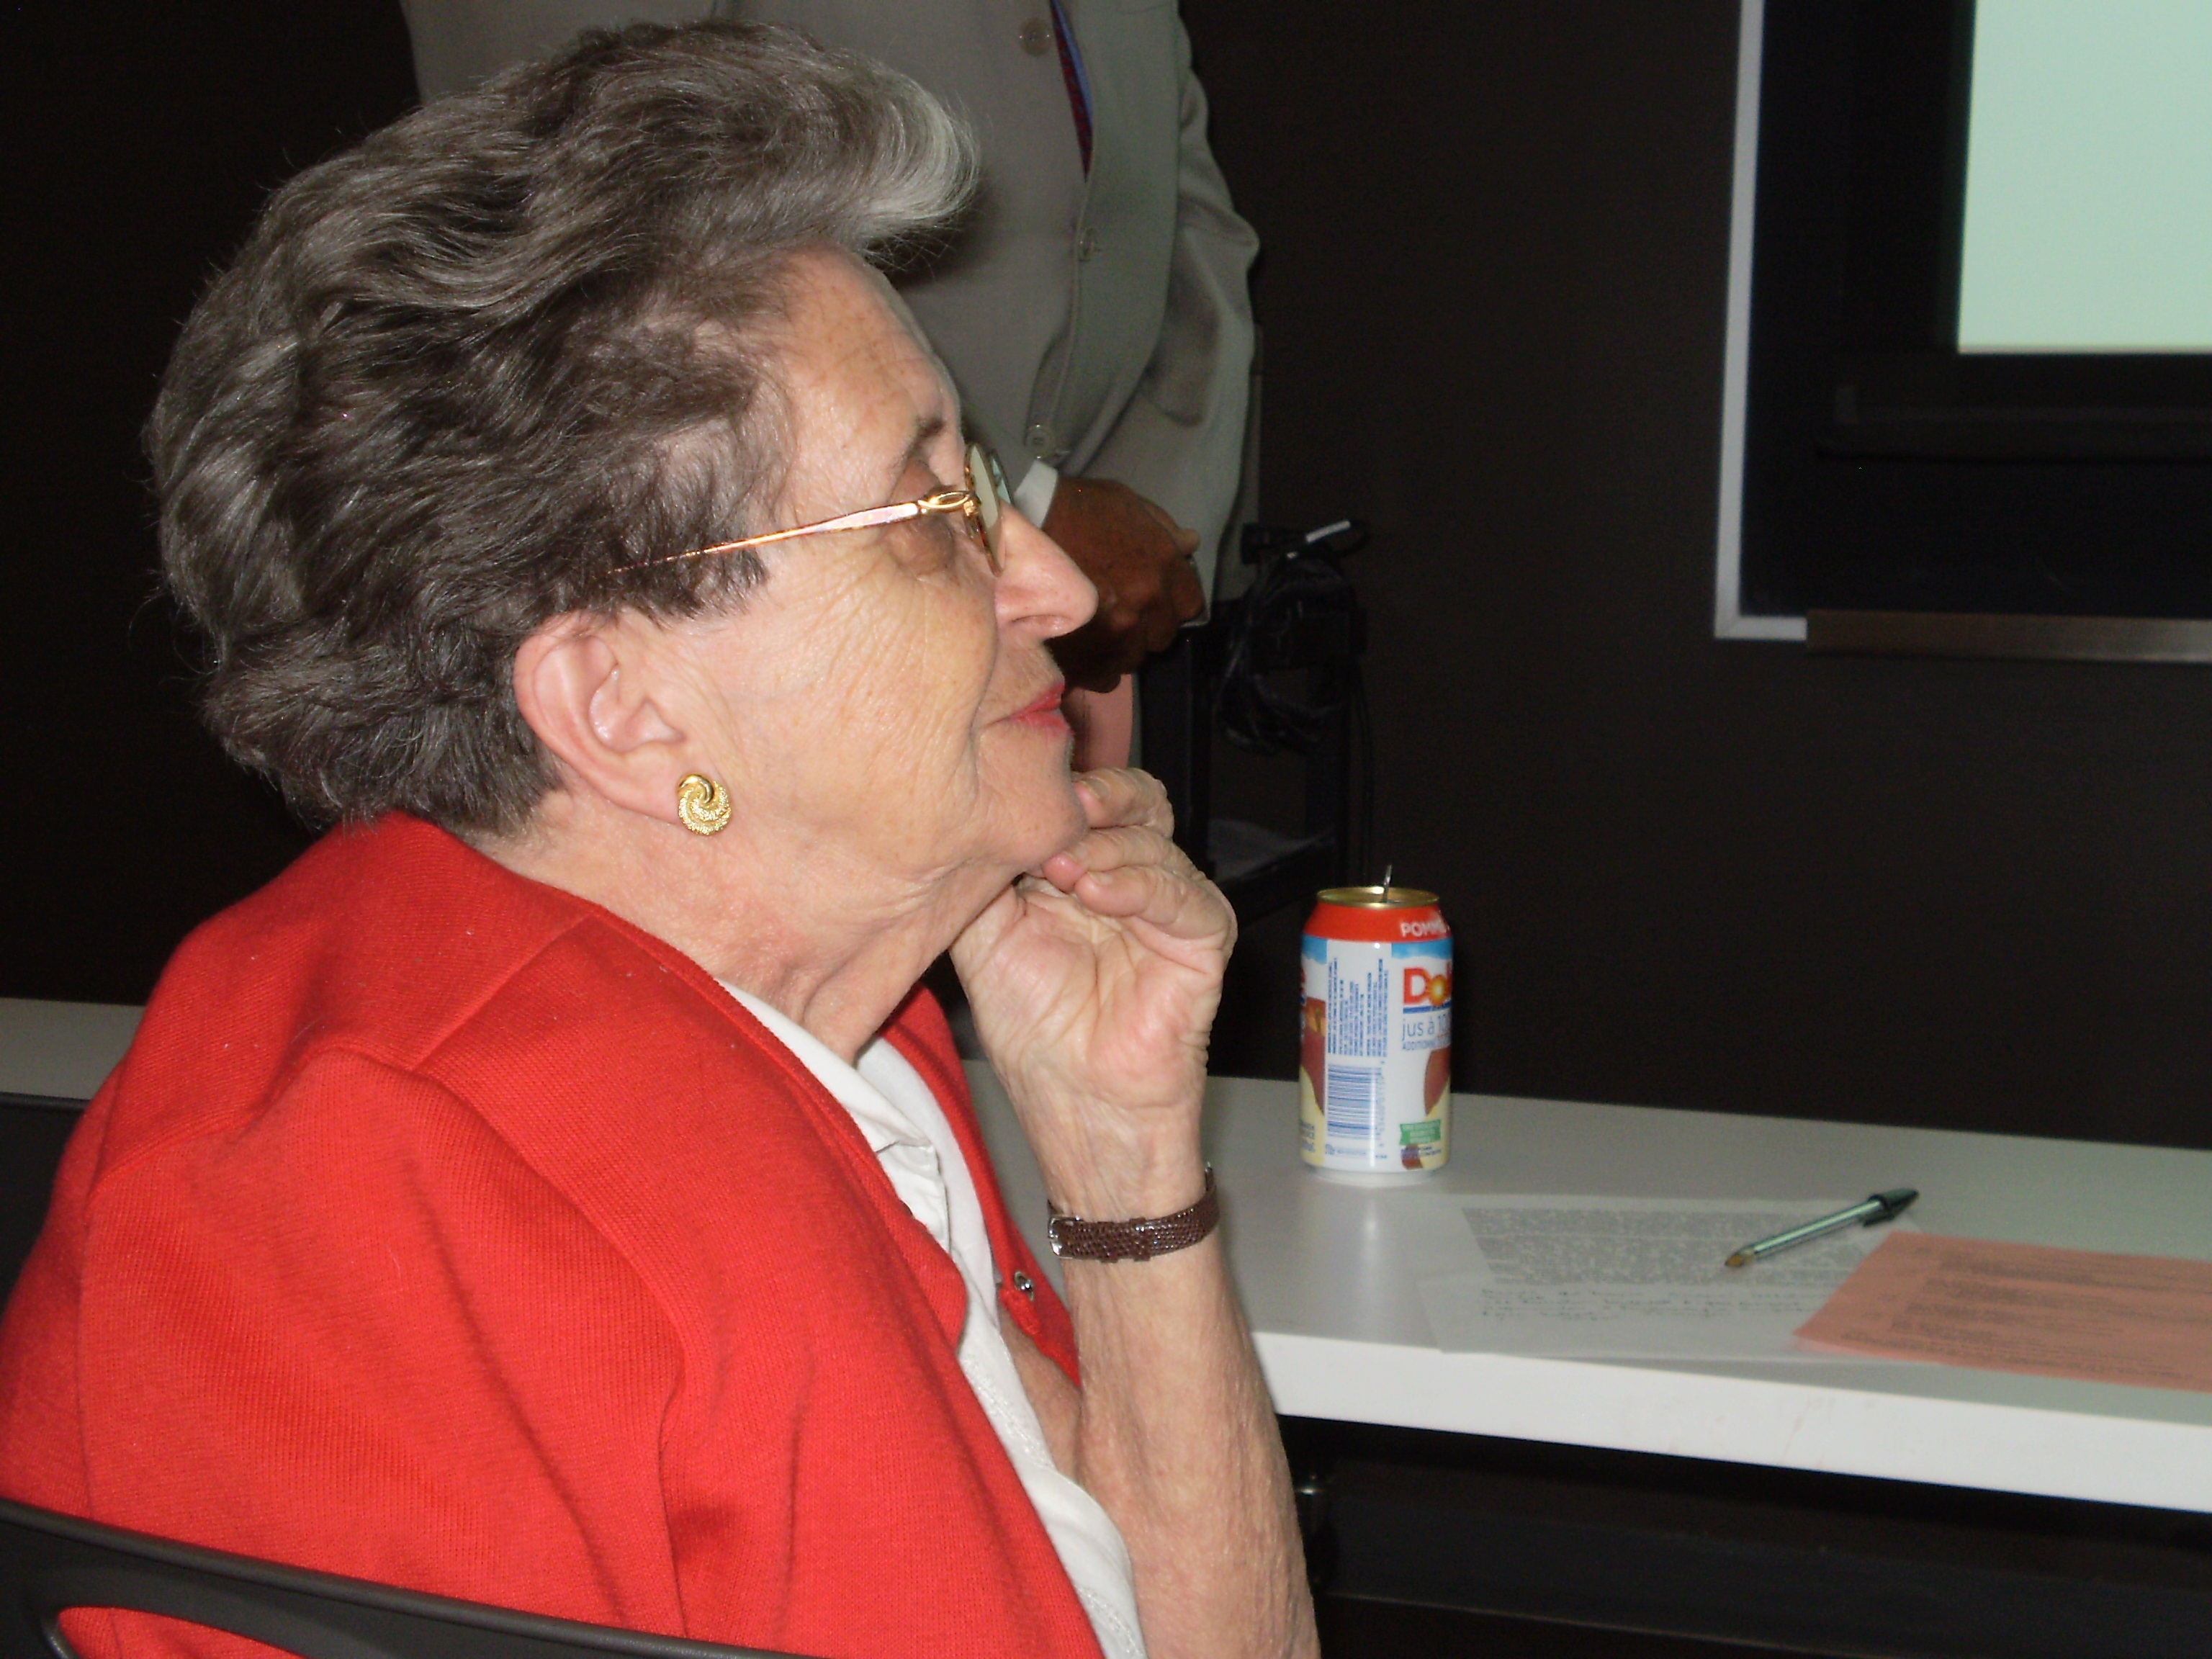 Bencsics Klára (Montreál), a Kanadai Magyarságtudomány Társaság tagja